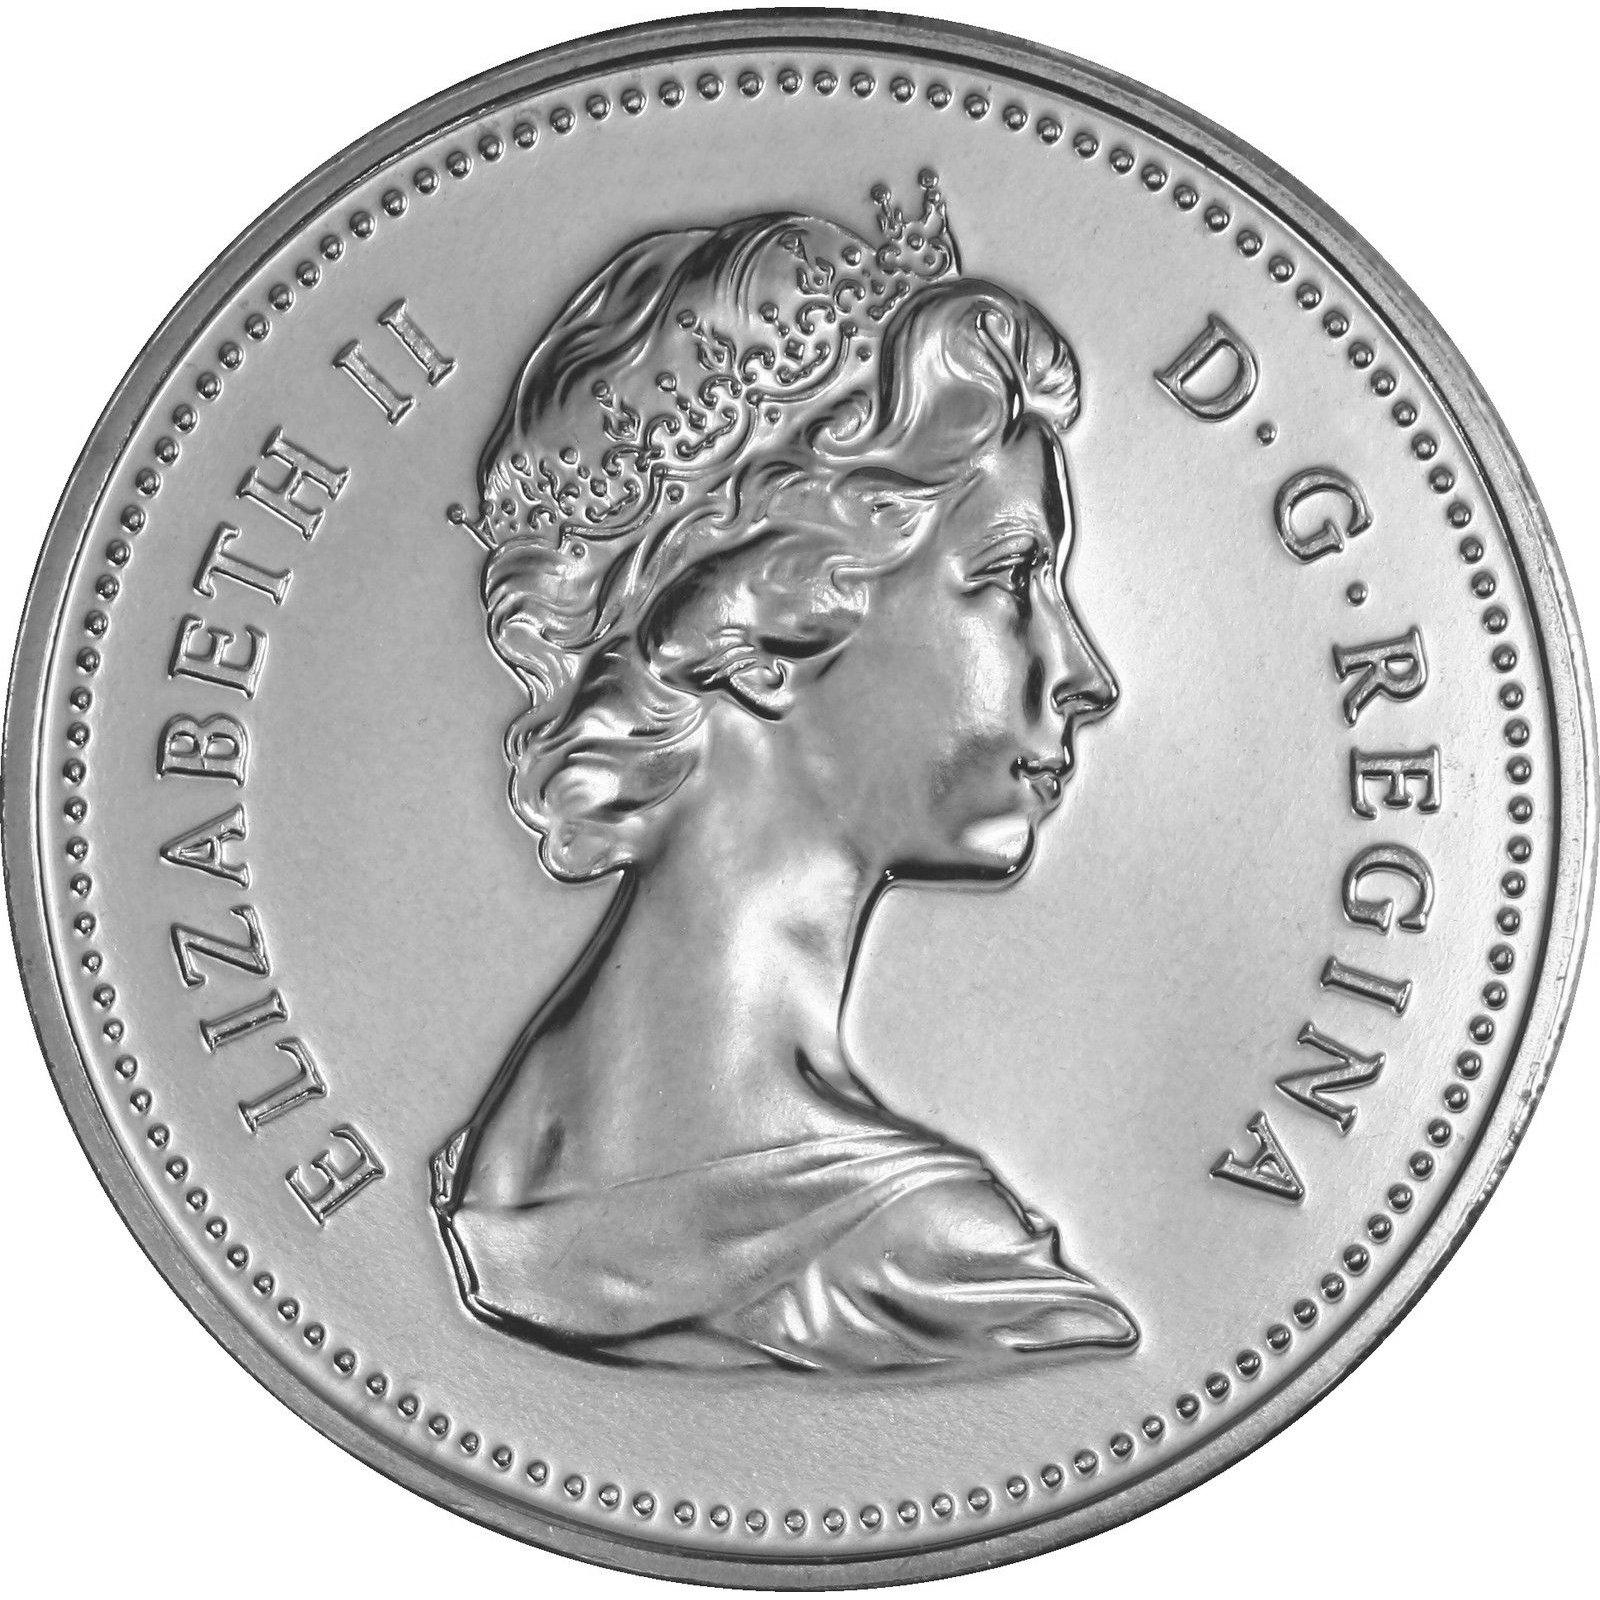 Canadian 5 Cent Obverse Design Evolution